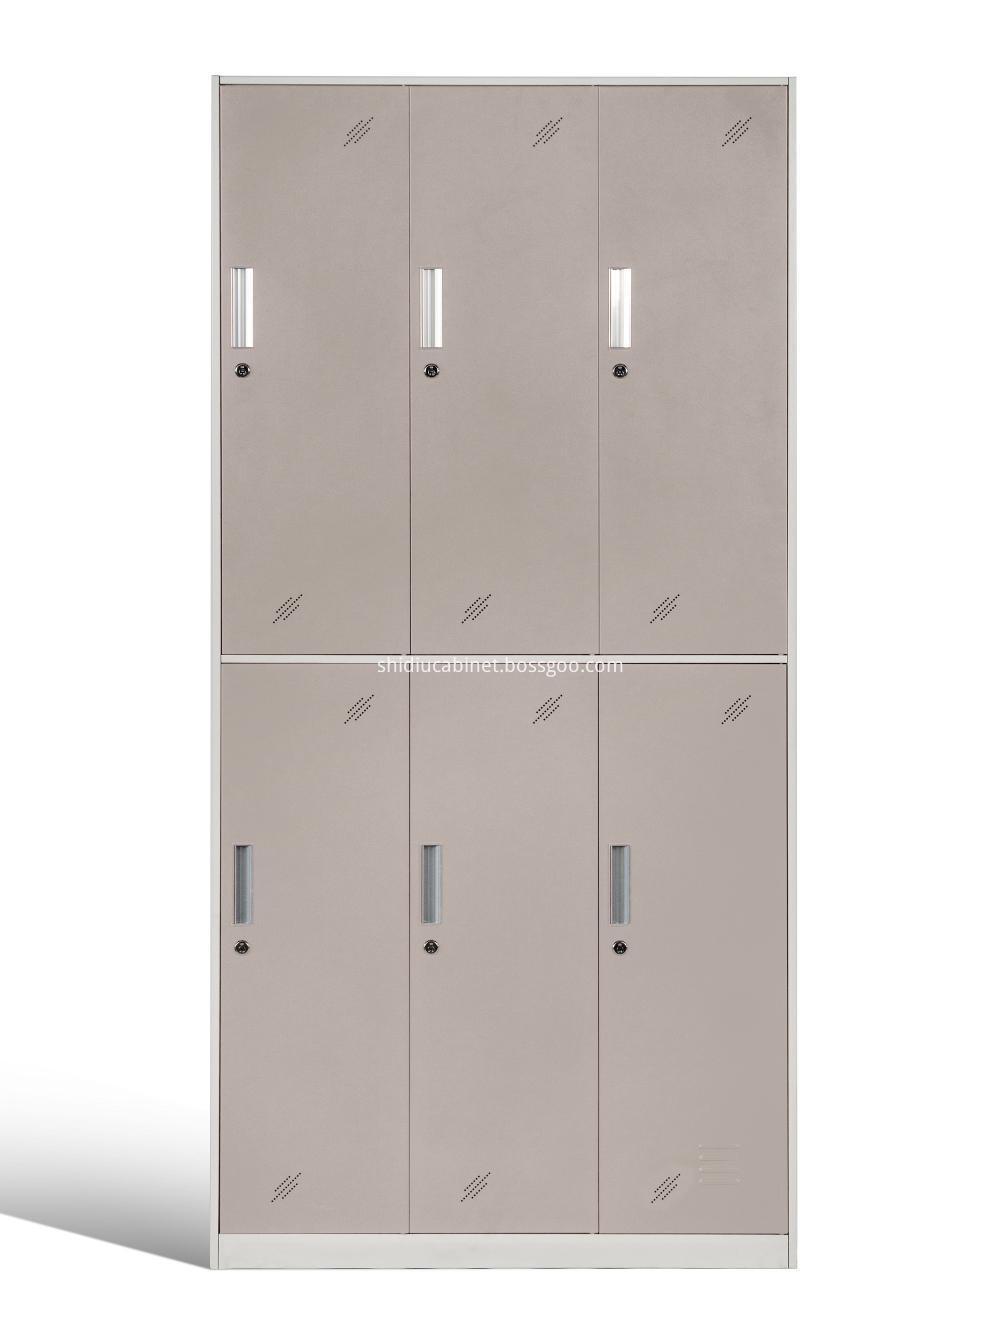 Narrow Frame 6 Door Locker